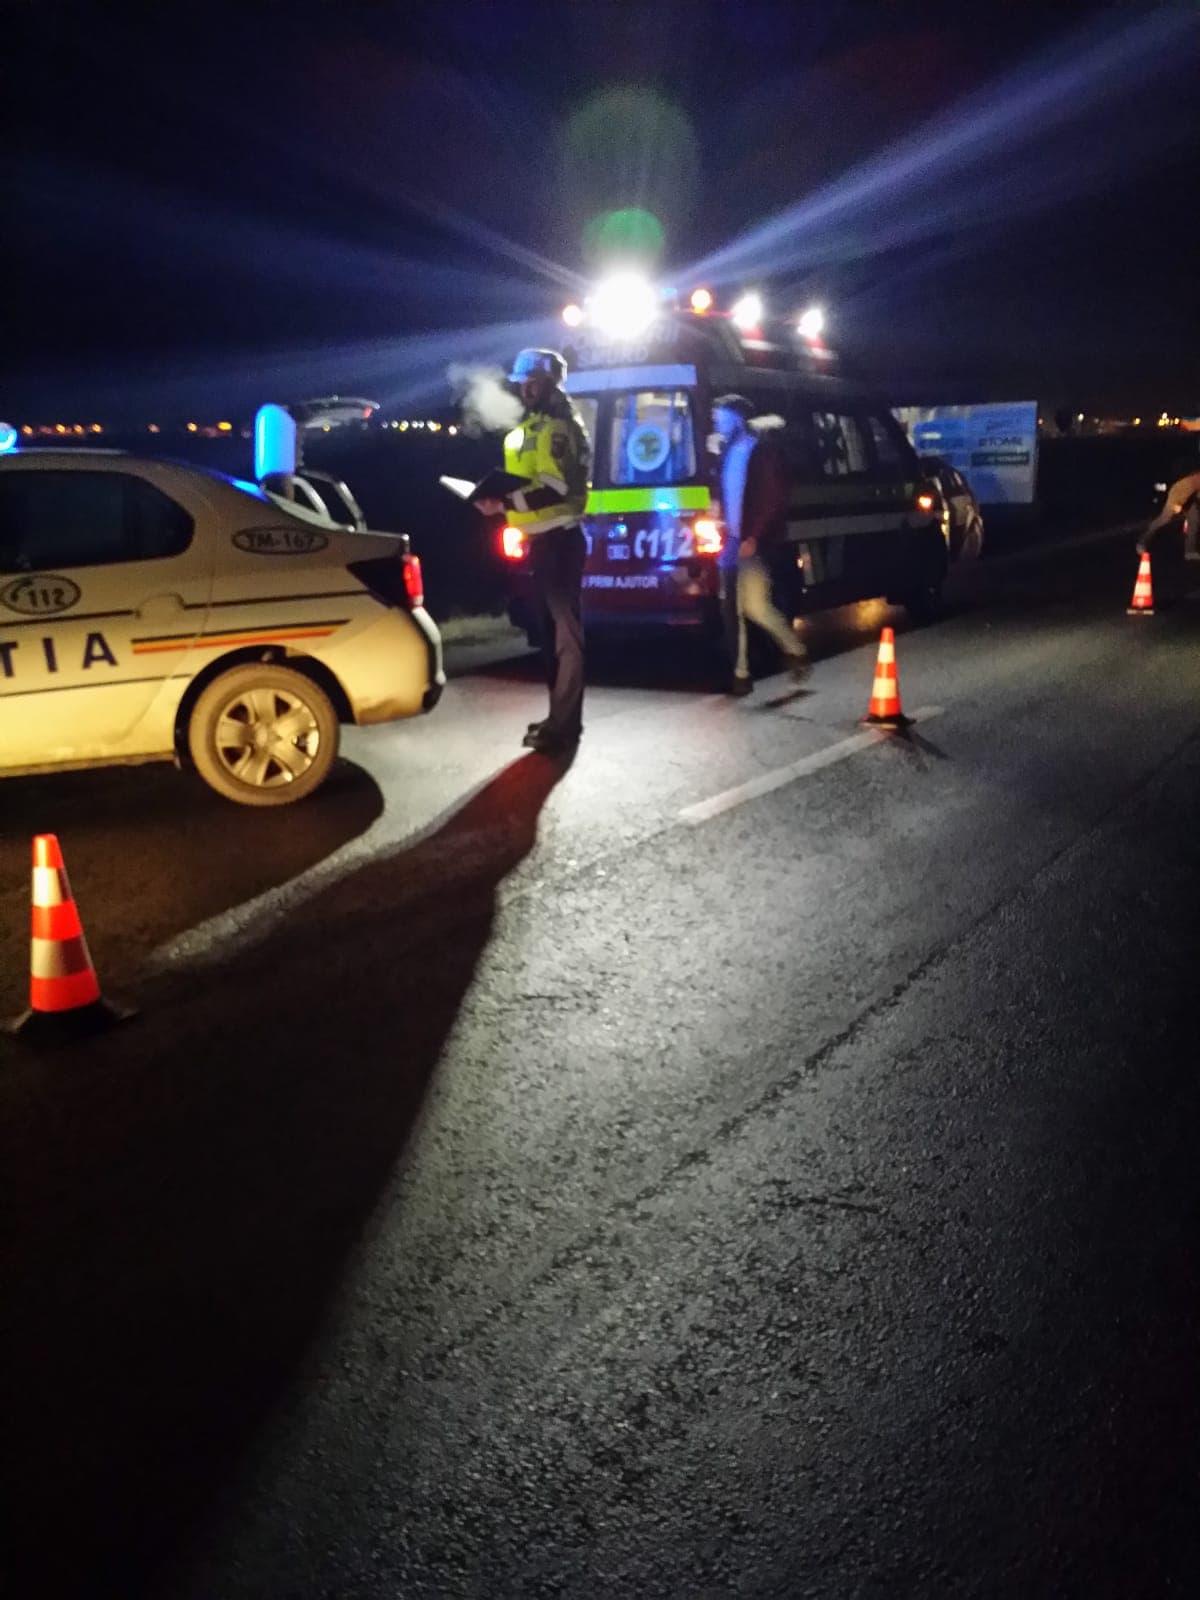 Bărbat la spital după ce a intrat cu mașina într-un șanț, lângă Timișoara